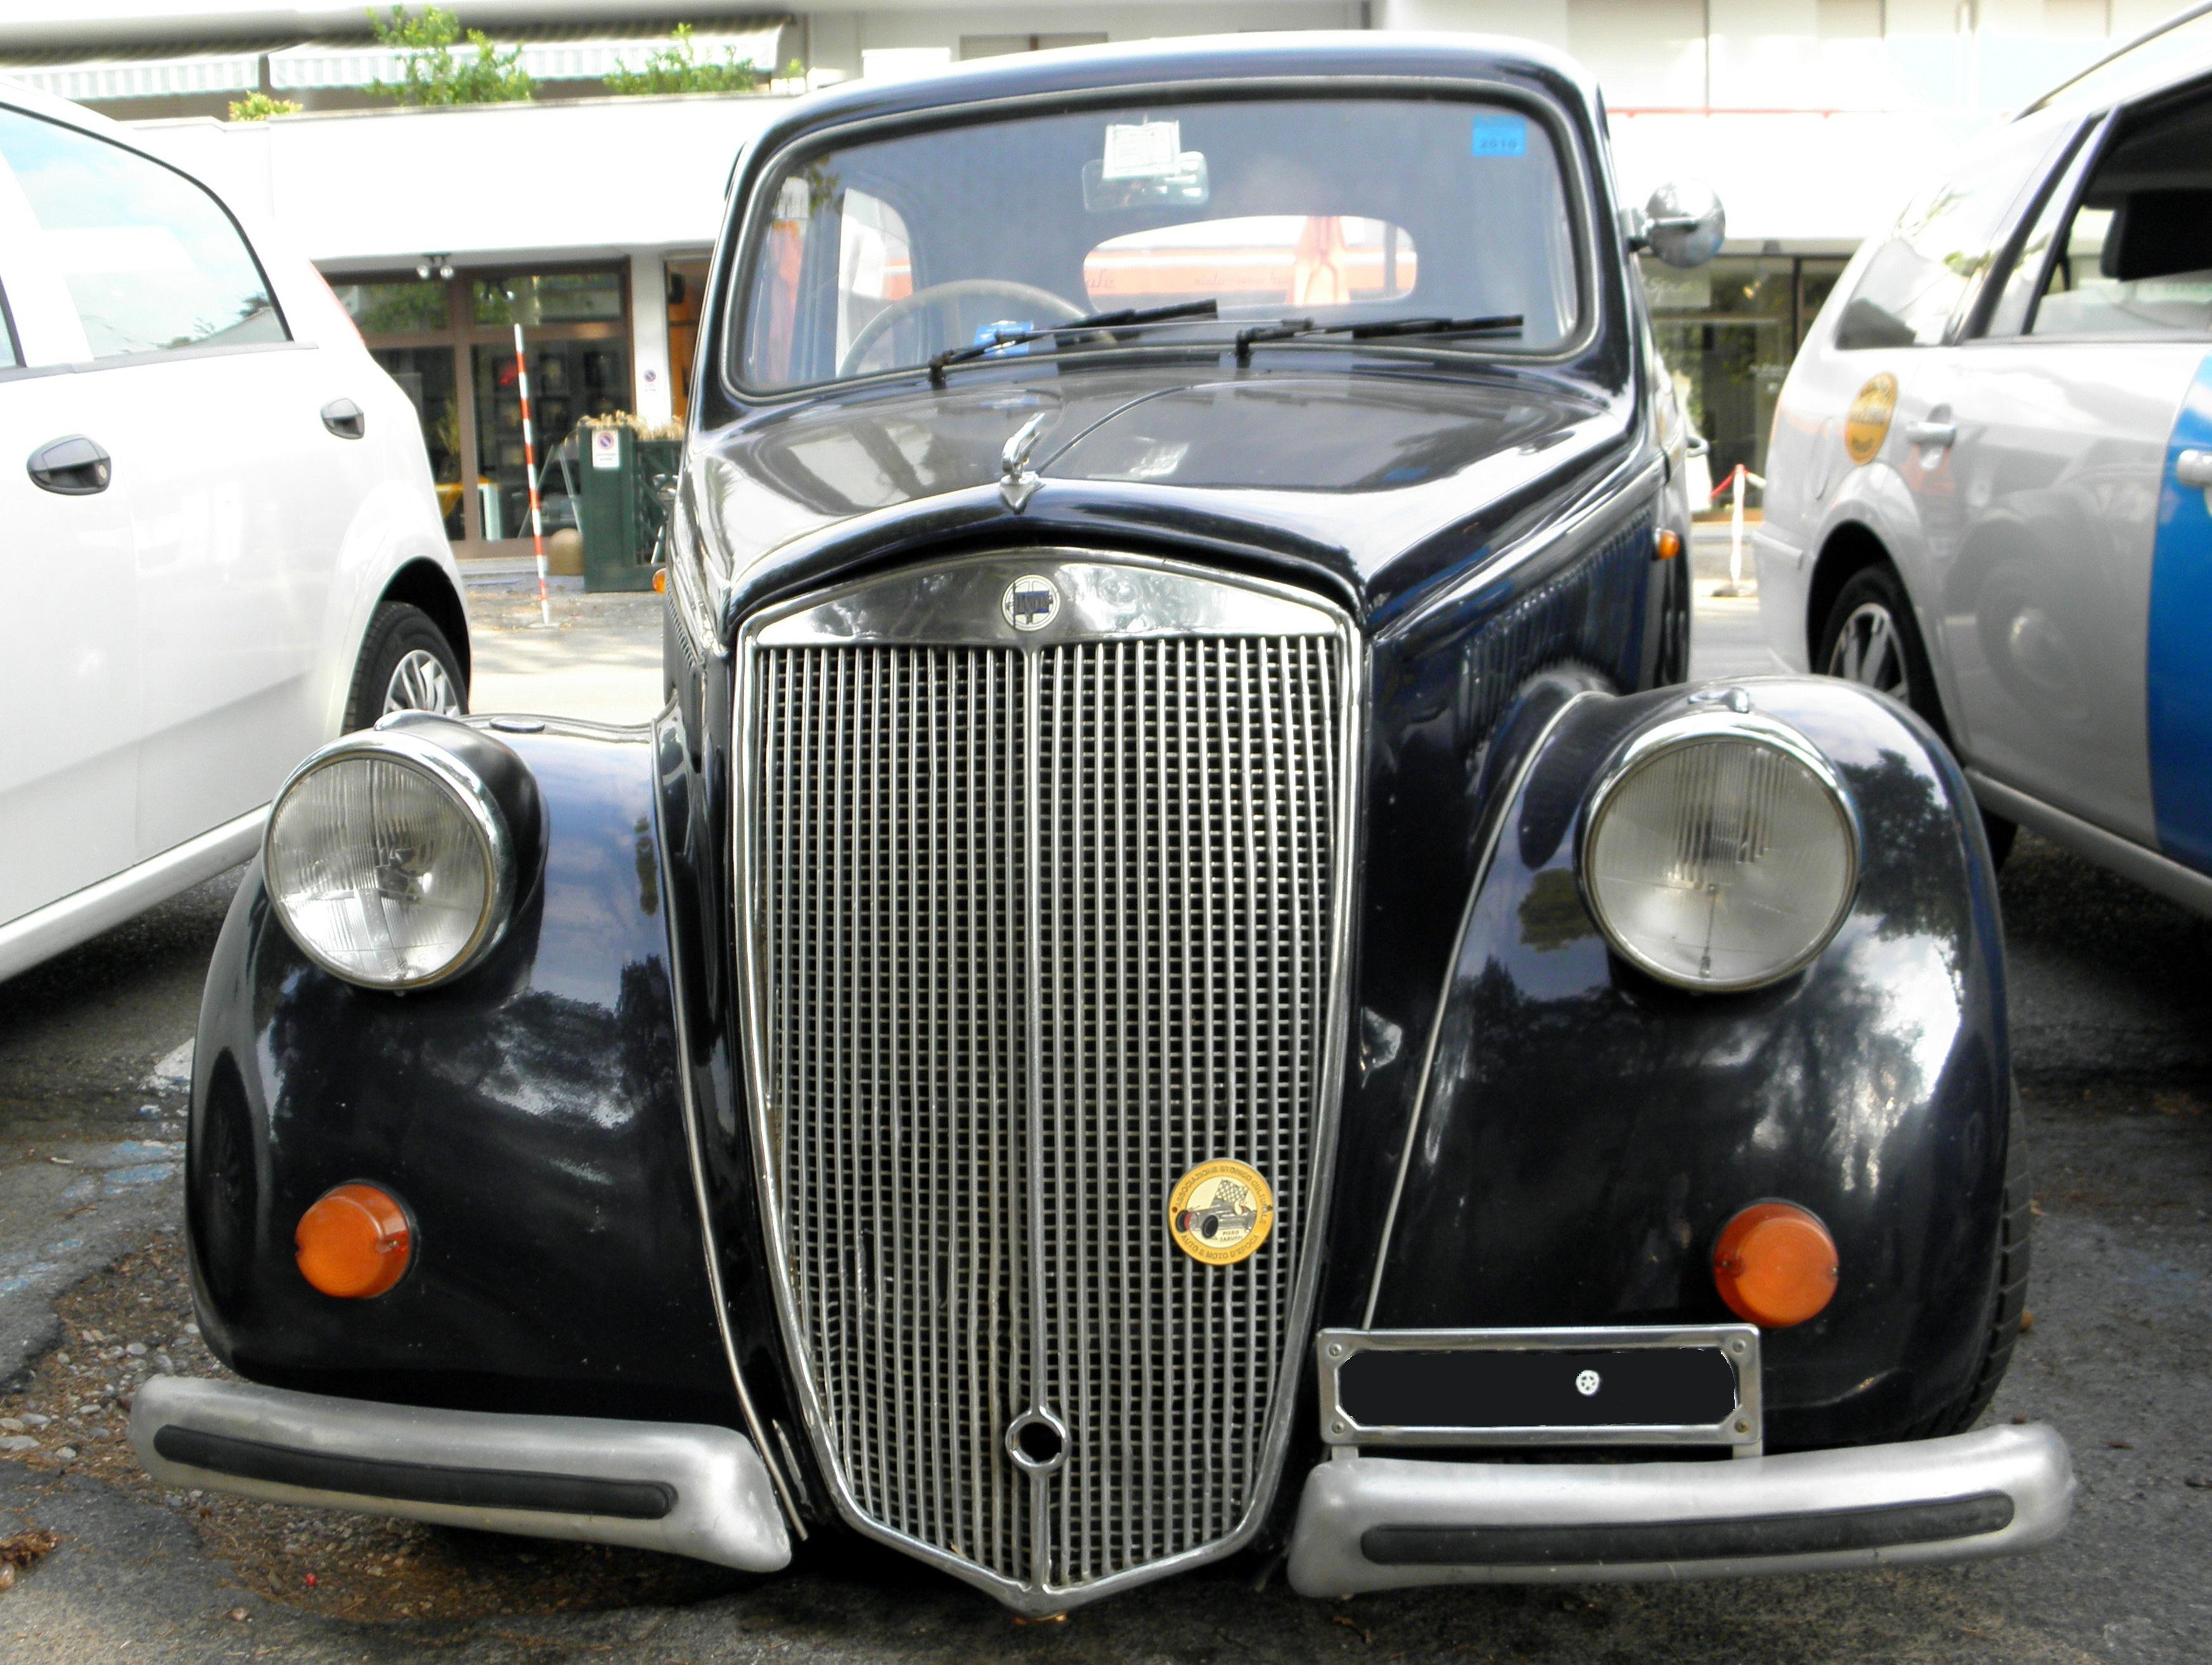 Image [ 17 of 50 ] - Old Italian Car Lancia Ardea 1951 Editorial ...